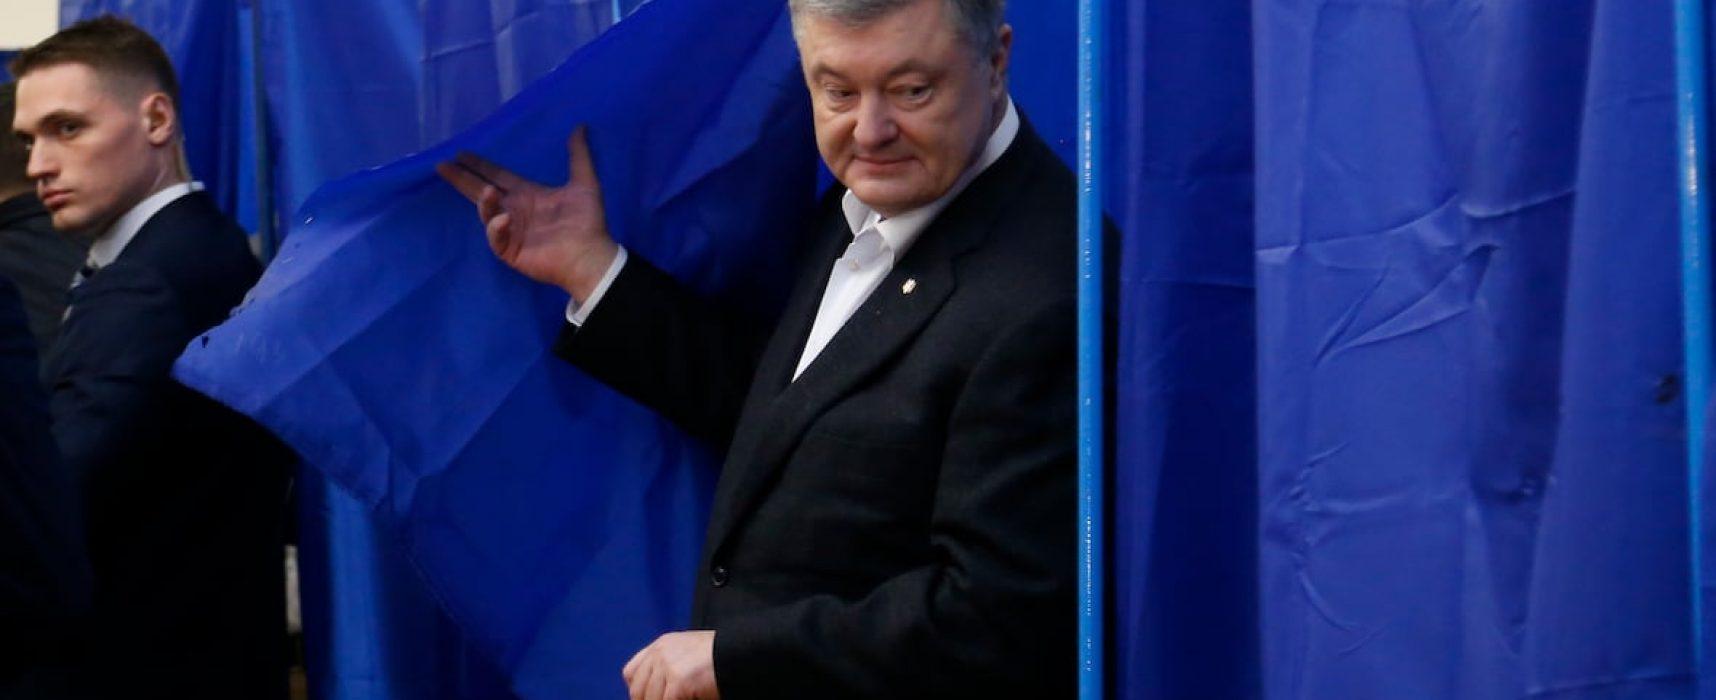 Фейк Первого канала: Американські експерти визнали причиною поразки Порошенка його антиросійську політику